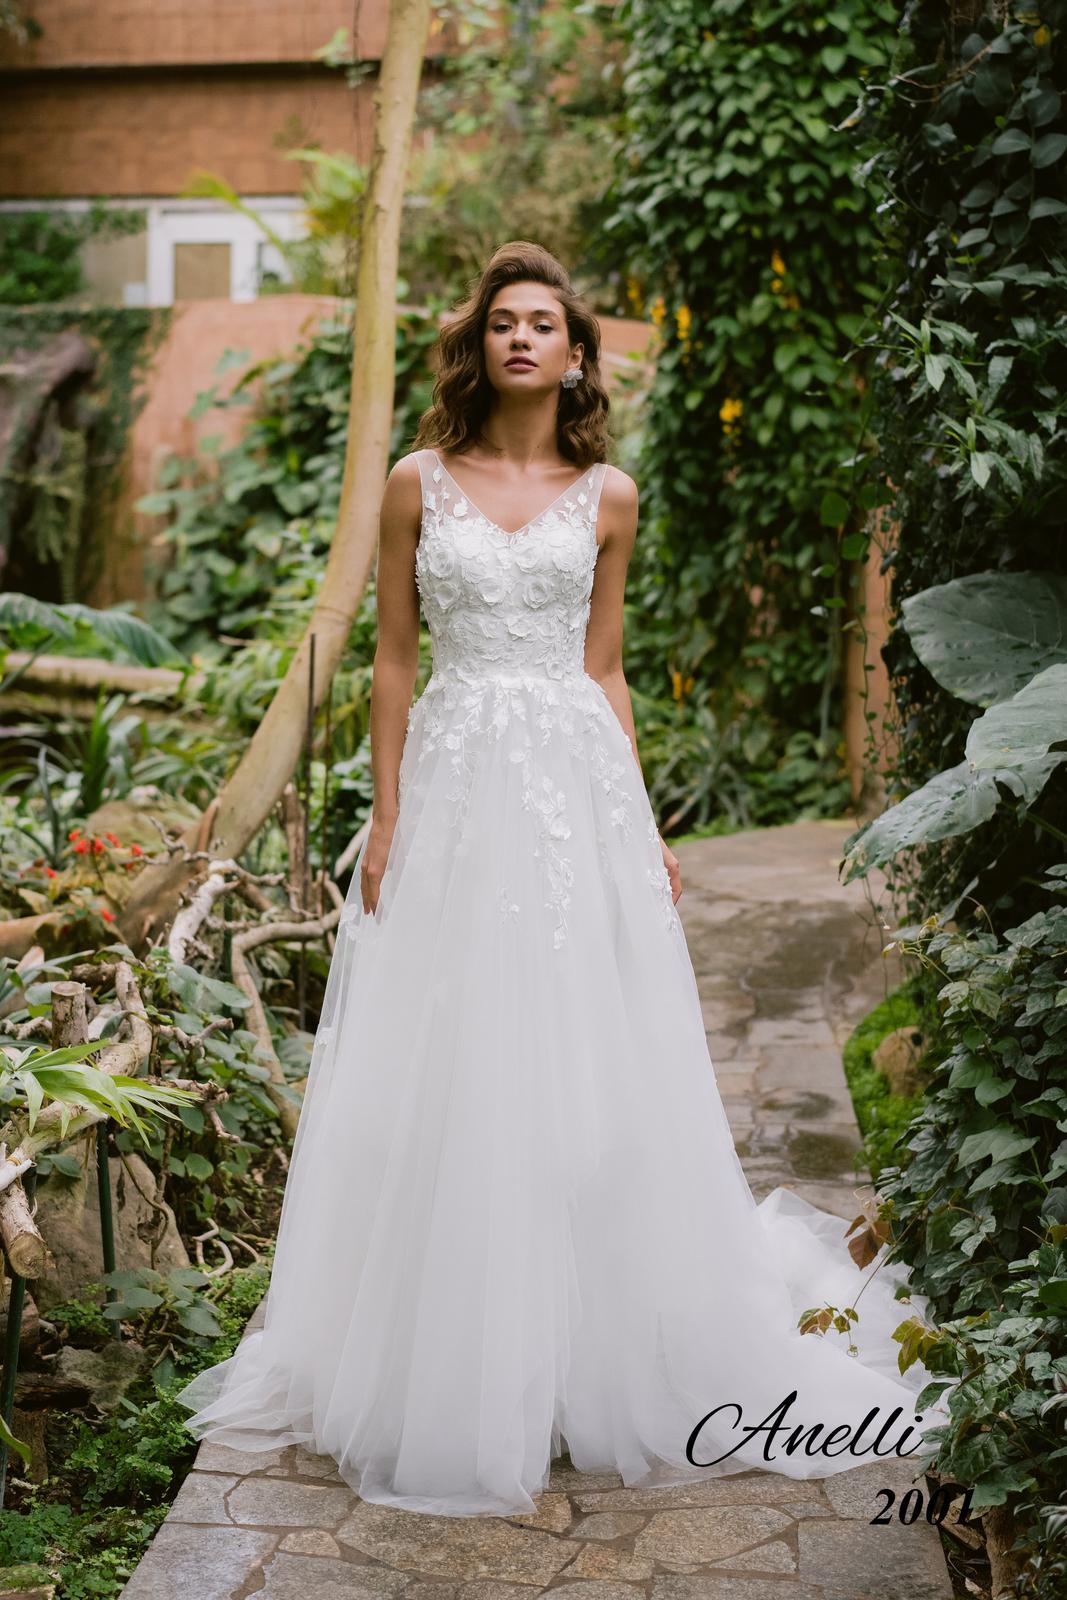 Svadobné šaty - Breeze 2001 - Obrázok č. 2